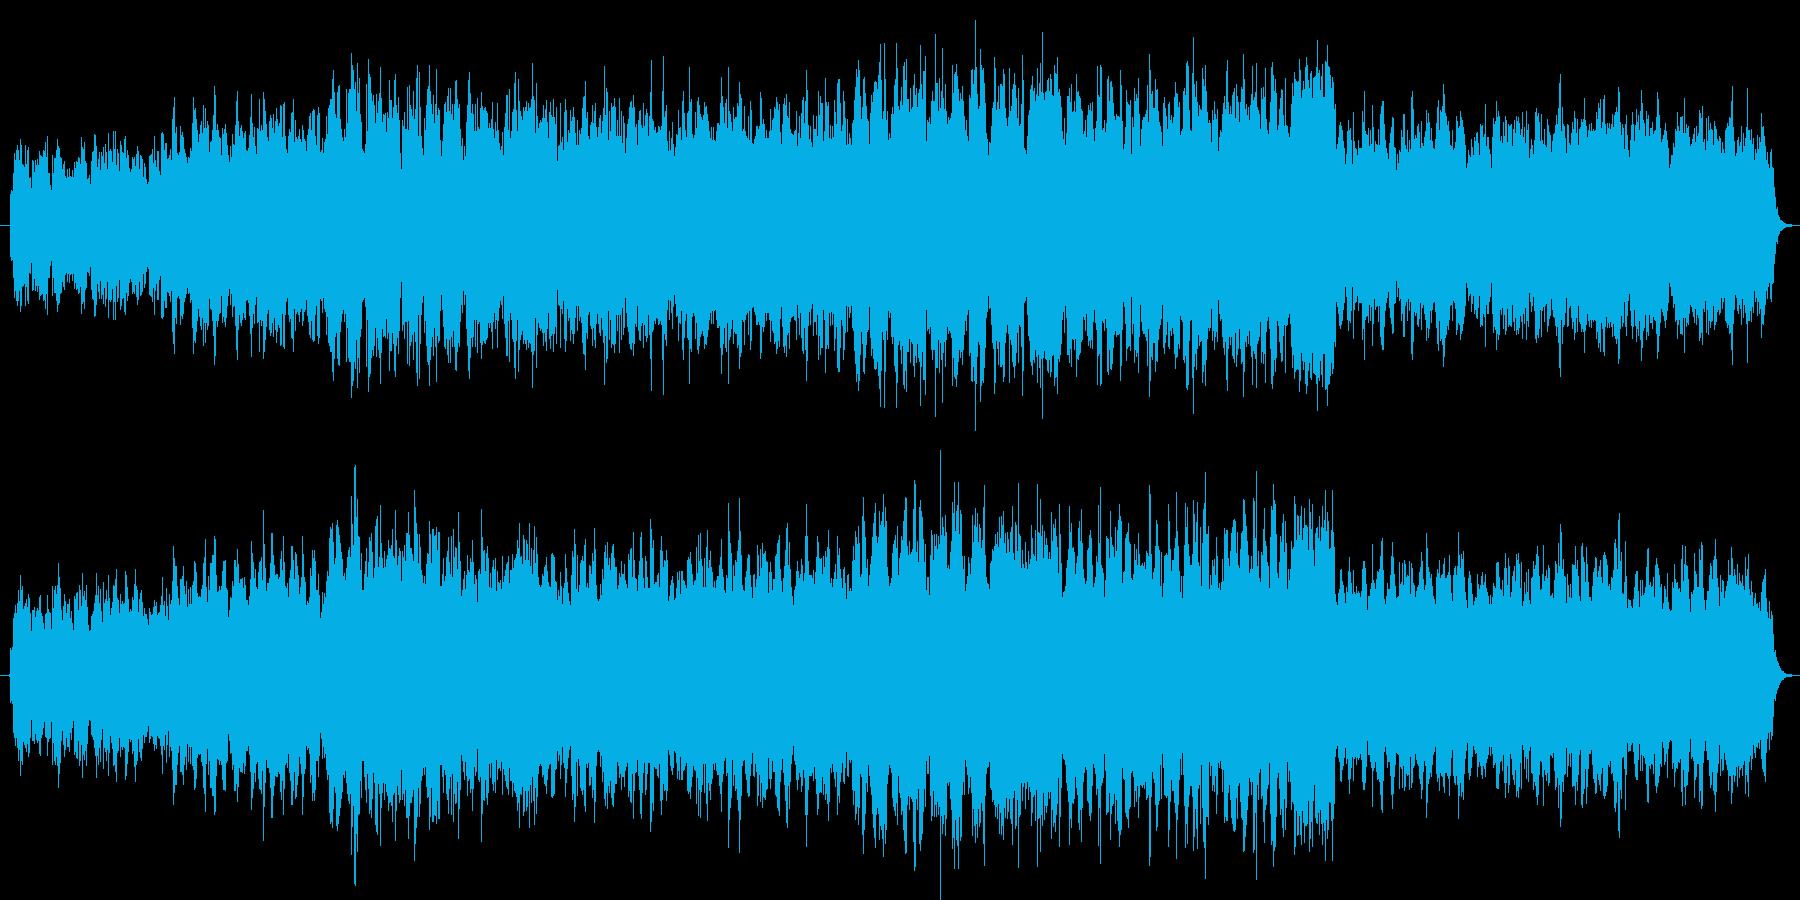 ゆったりとした雰囲気のあるバラードです。の再生済みの波形